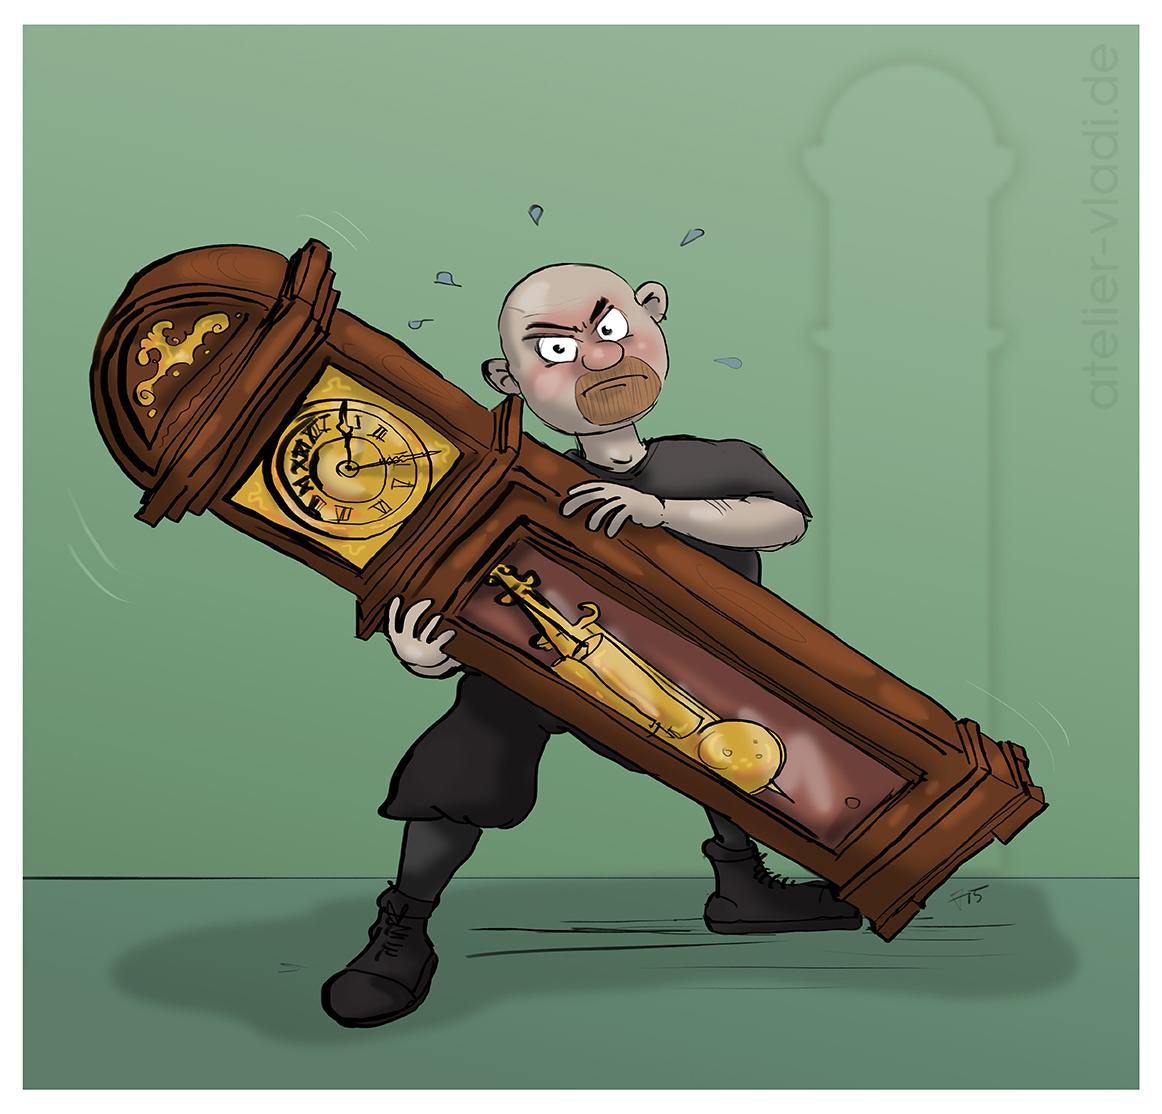 Uhr umstellung Cartoon